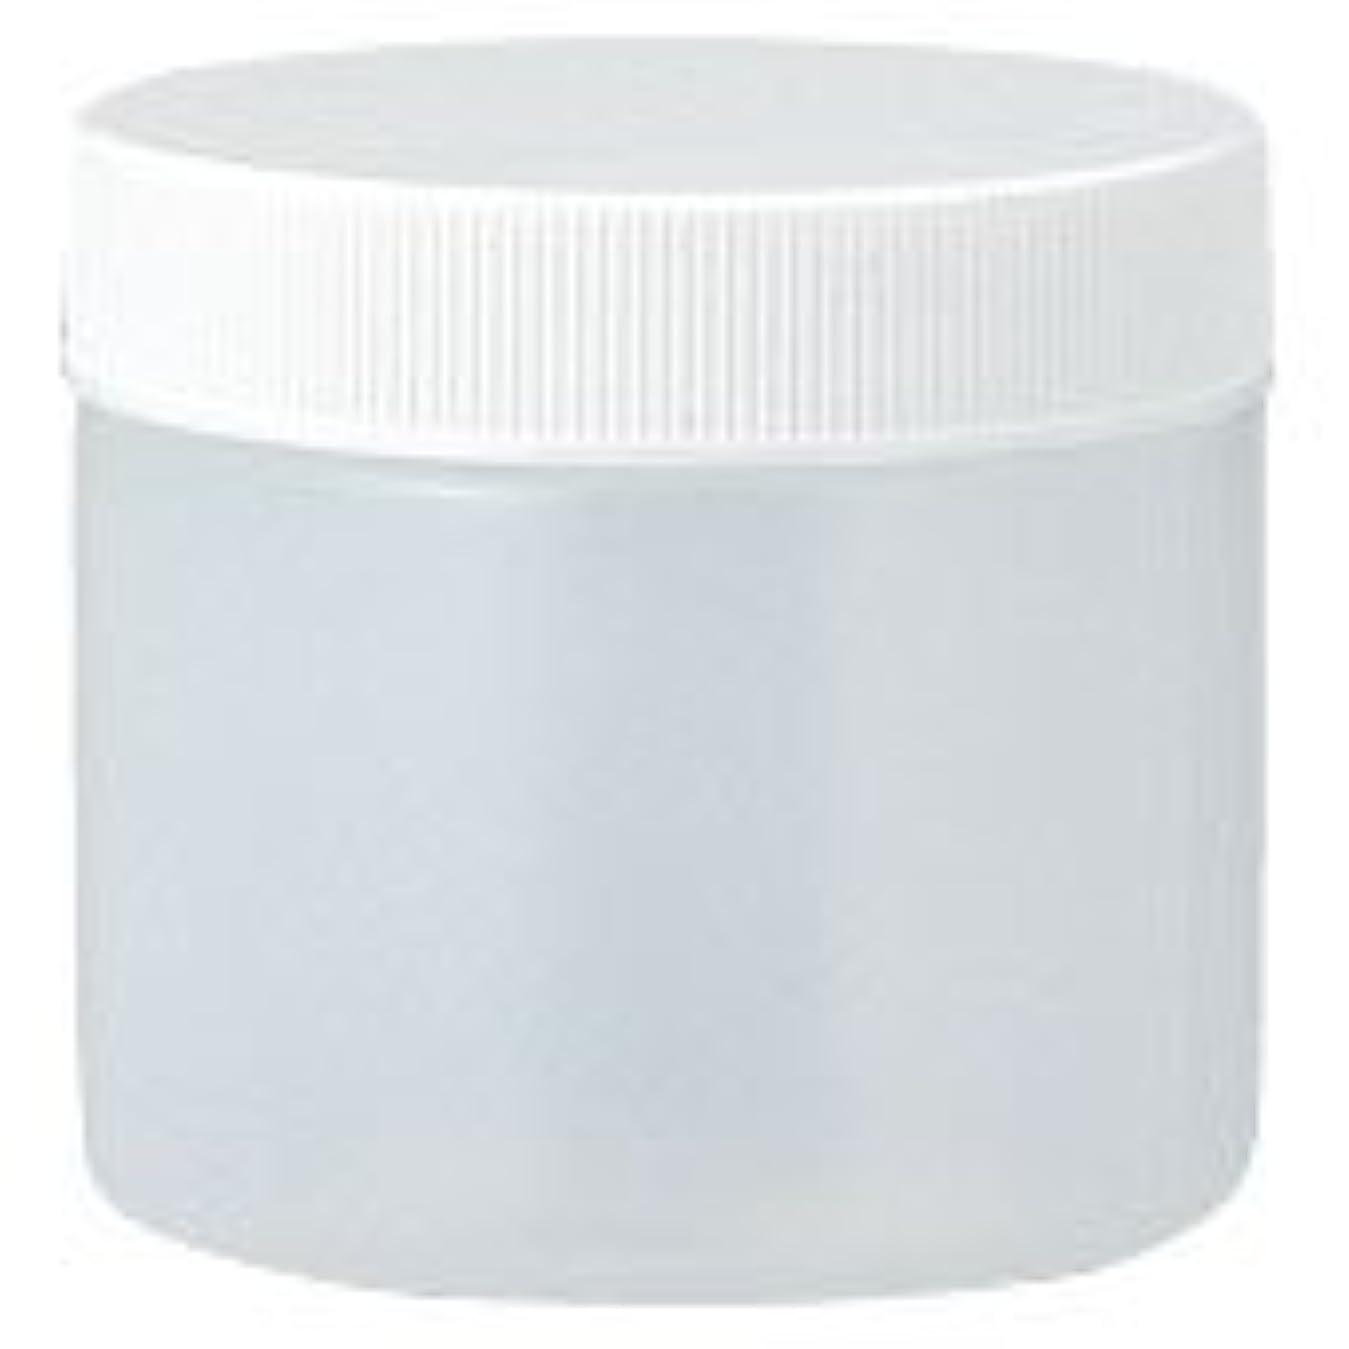 シフトテンポからに変化する容器 クリーム容器 100mL 4個セット